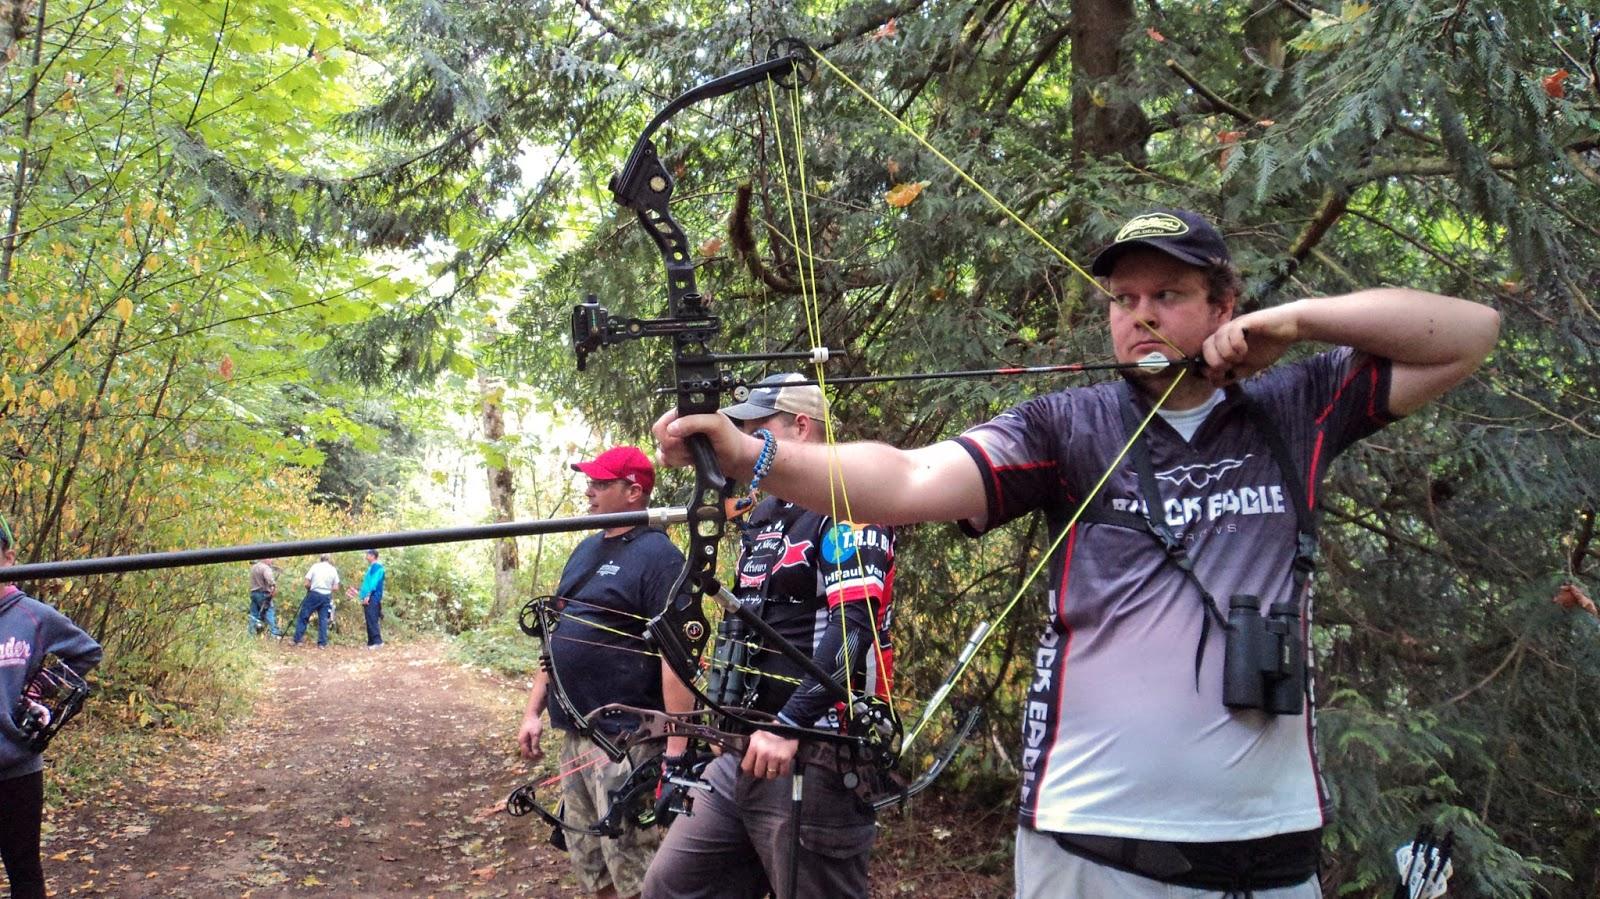 3d archery competition